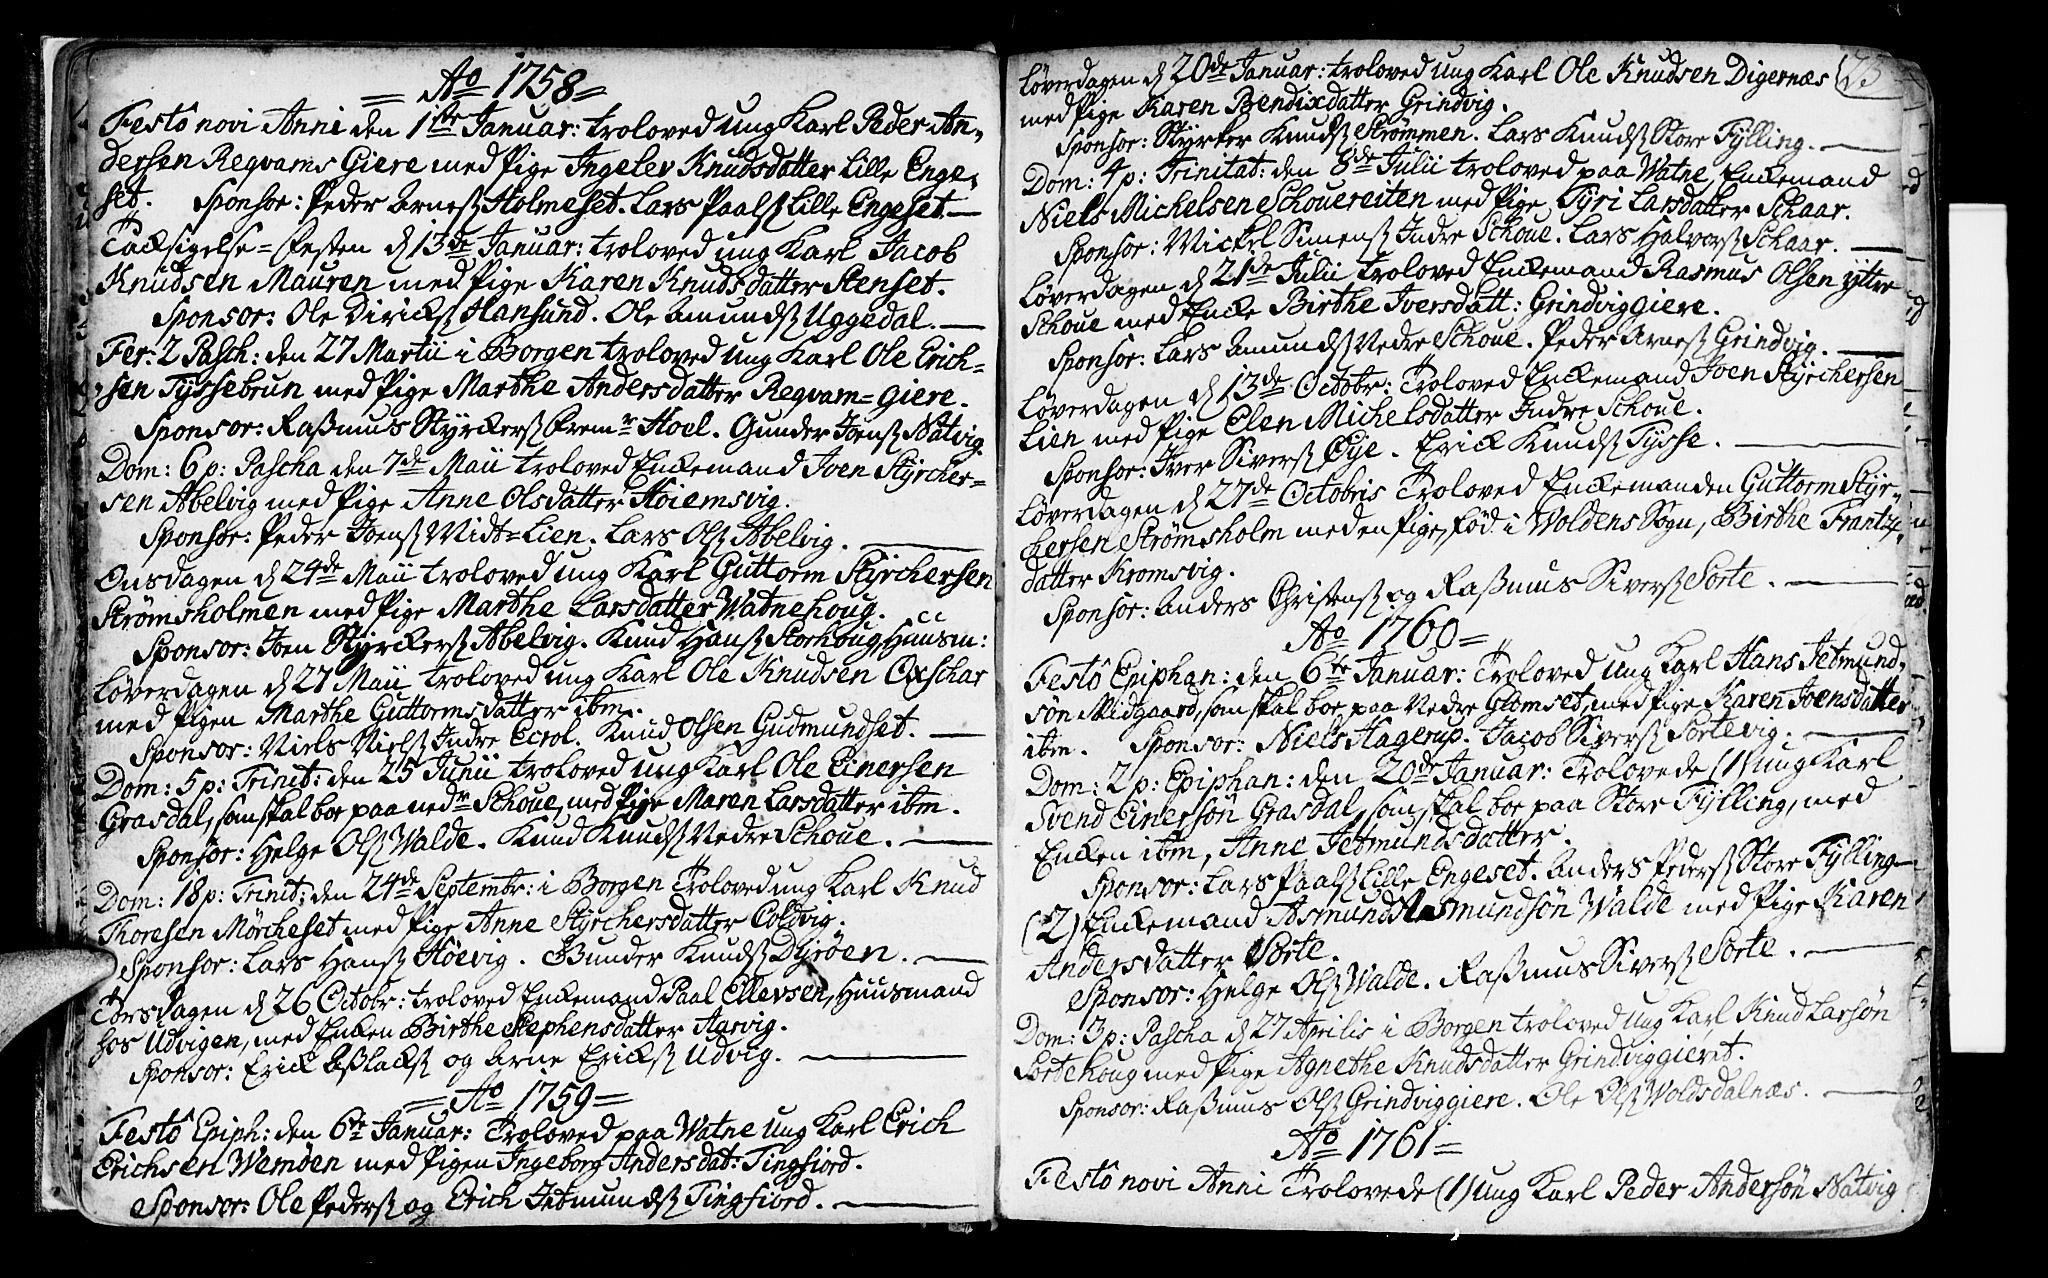 SAT, Ministerialprotokoller, klokkerbøker og fødselsregistre - Møre og Romsdal, 524/L0349: Ministerialbok nr. 524A01, 1698-1779, s. 23